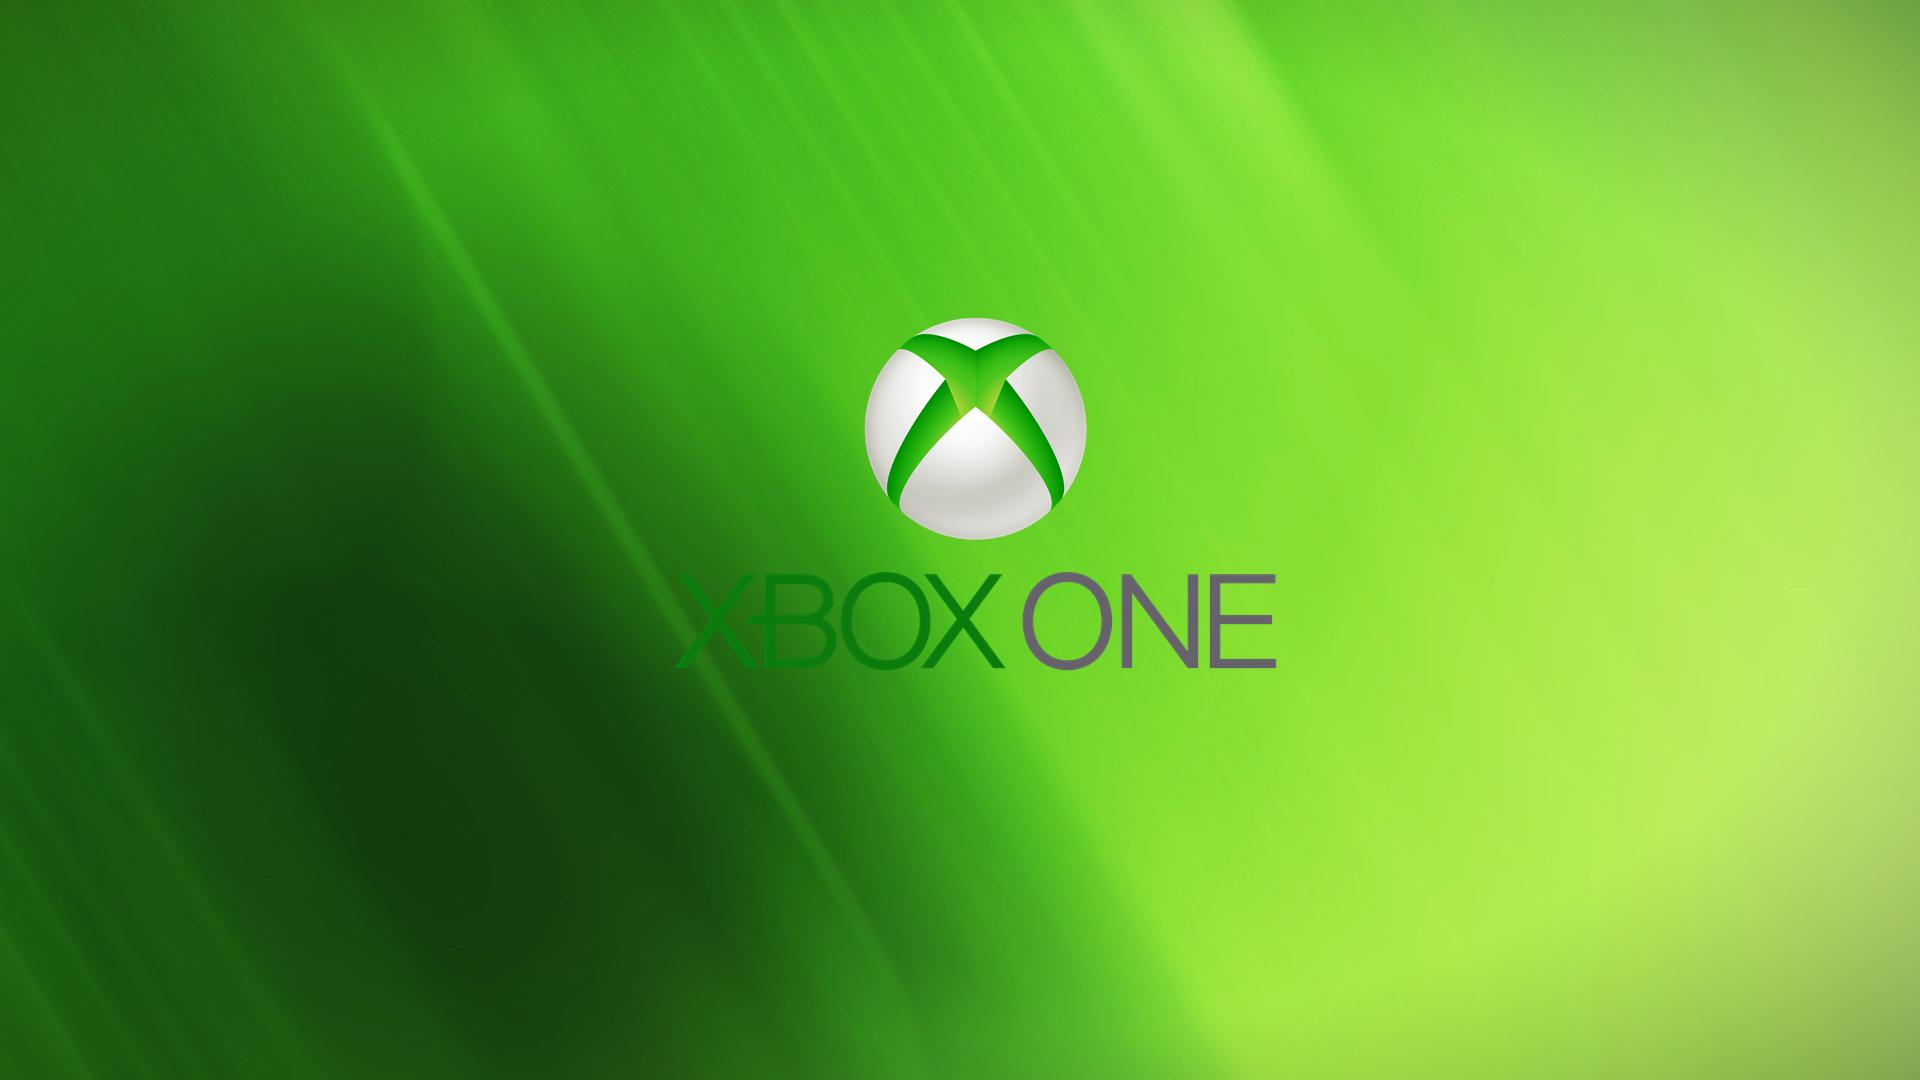 Xbox One Wallpaper by Nolan989890Xbox Wallpaper